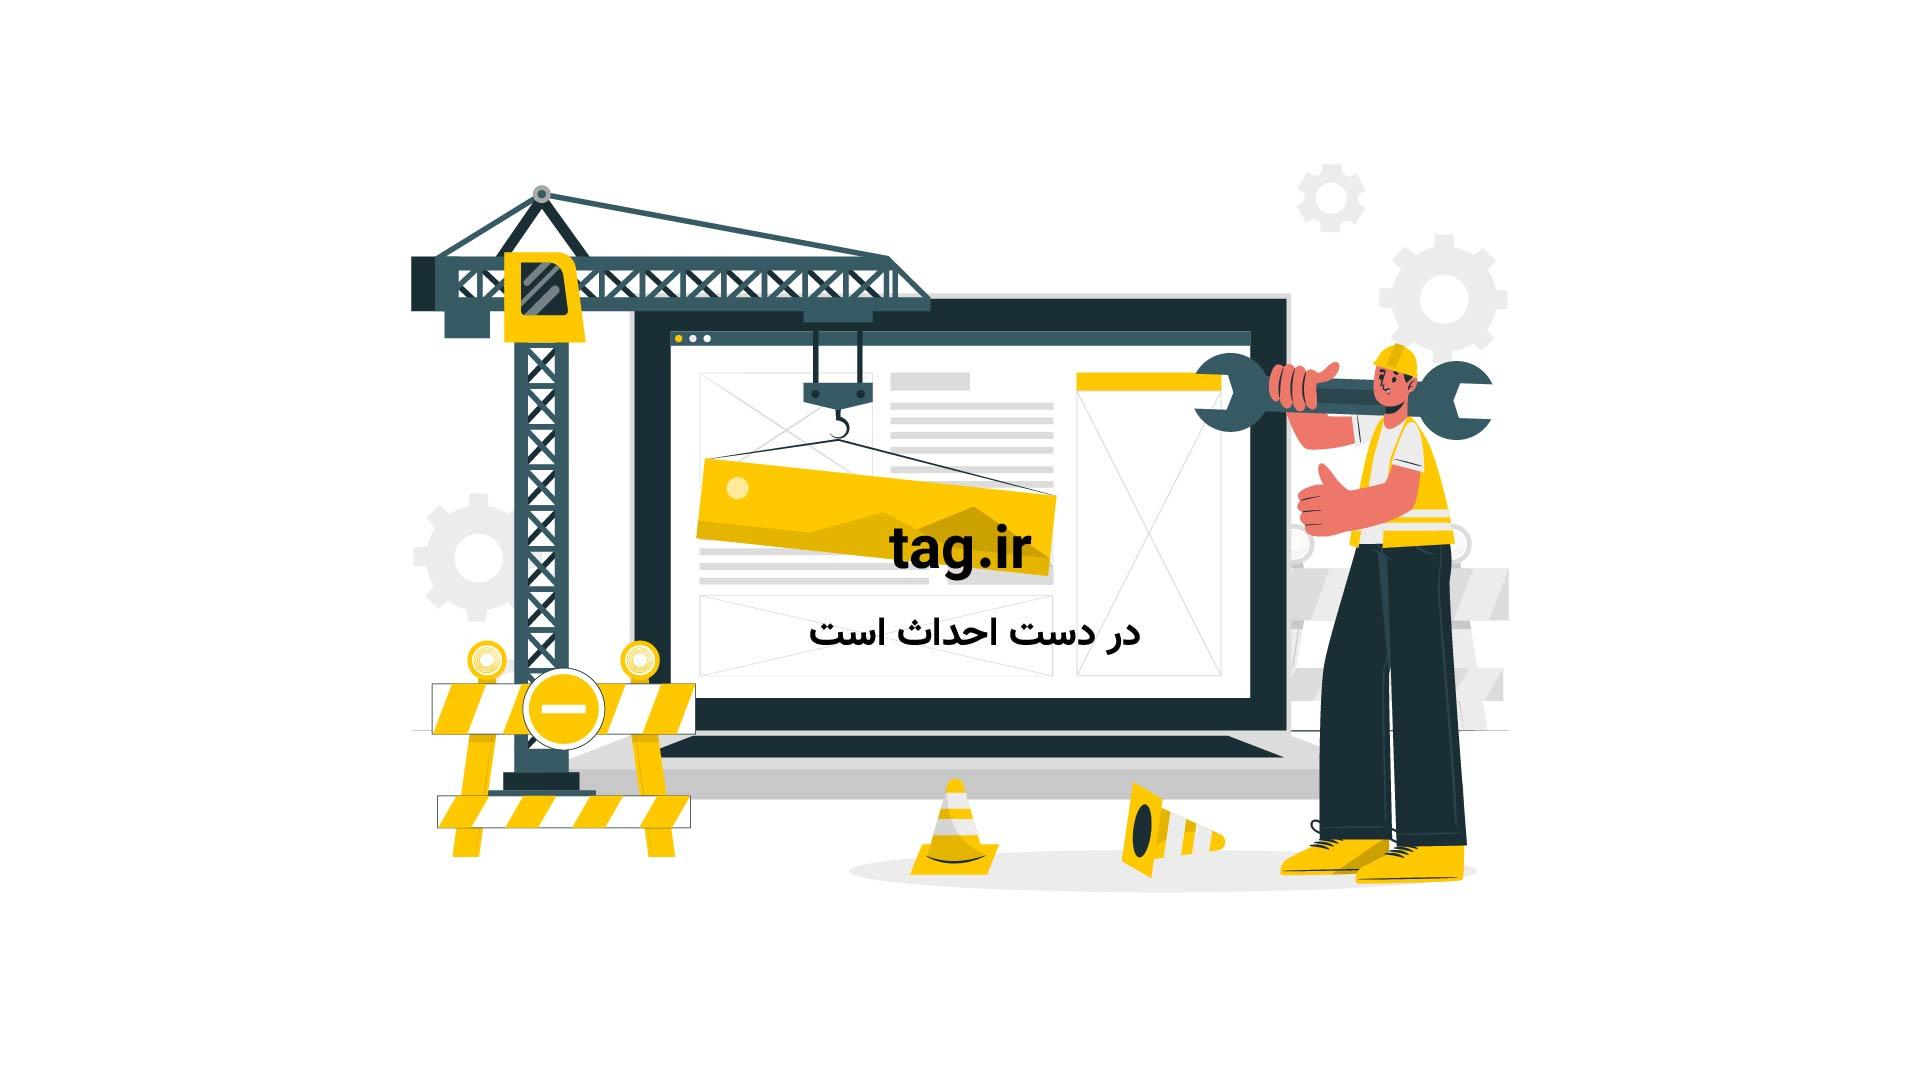 آغاز ماموریت فضانوردان چینی در ایستگاه فضایی تیانگونگ ۲ | فیلم